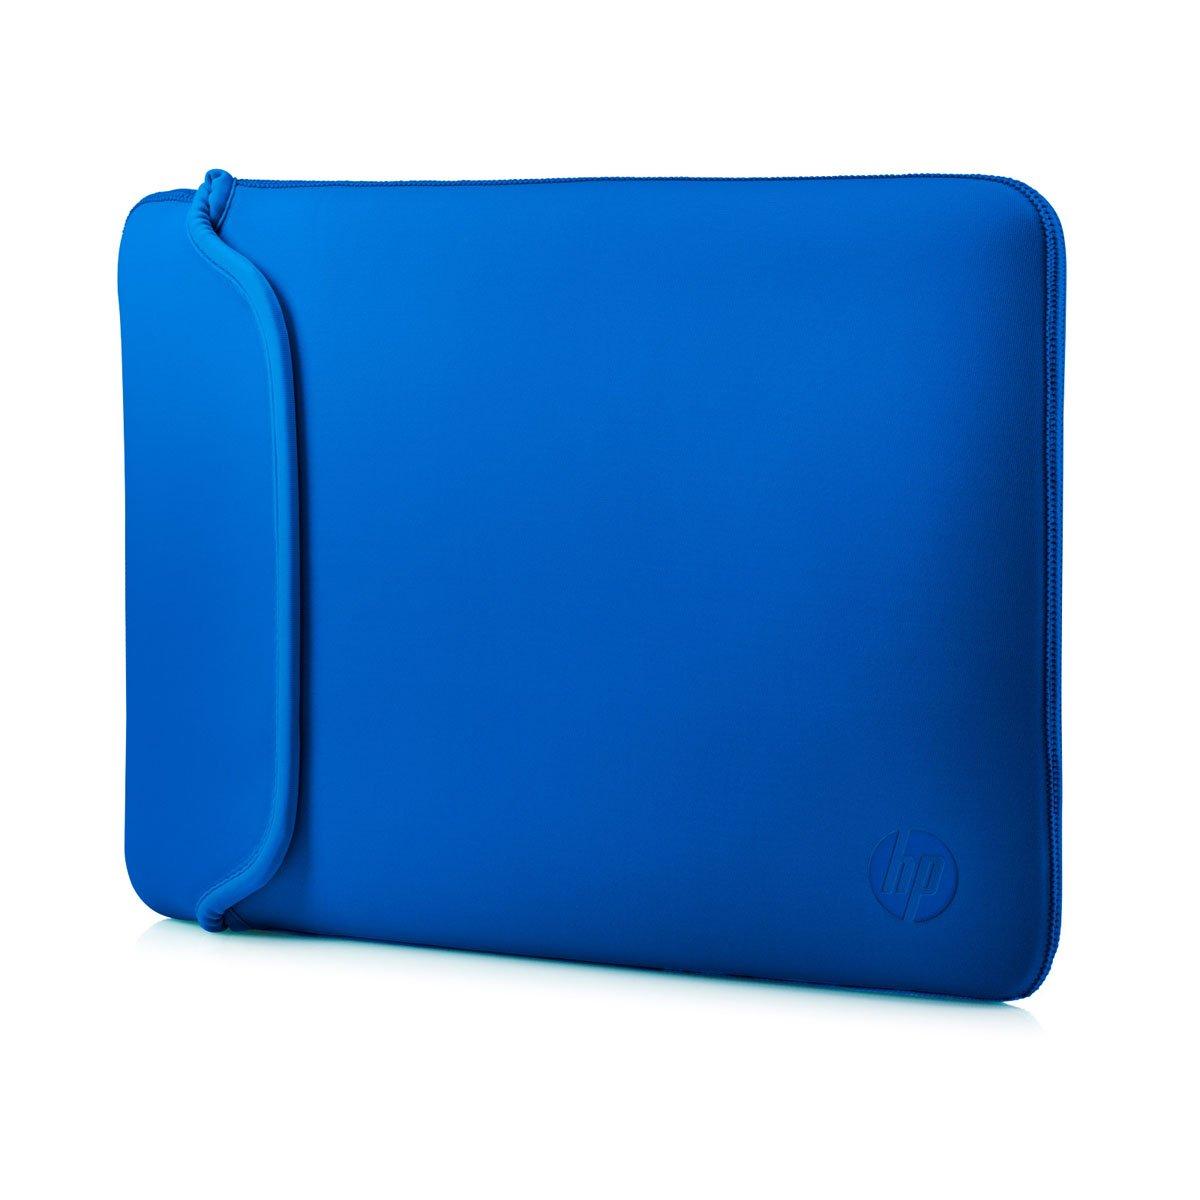 Funda para laptop azul 14 39 39 sears com mx me entiende for Fundas notebook